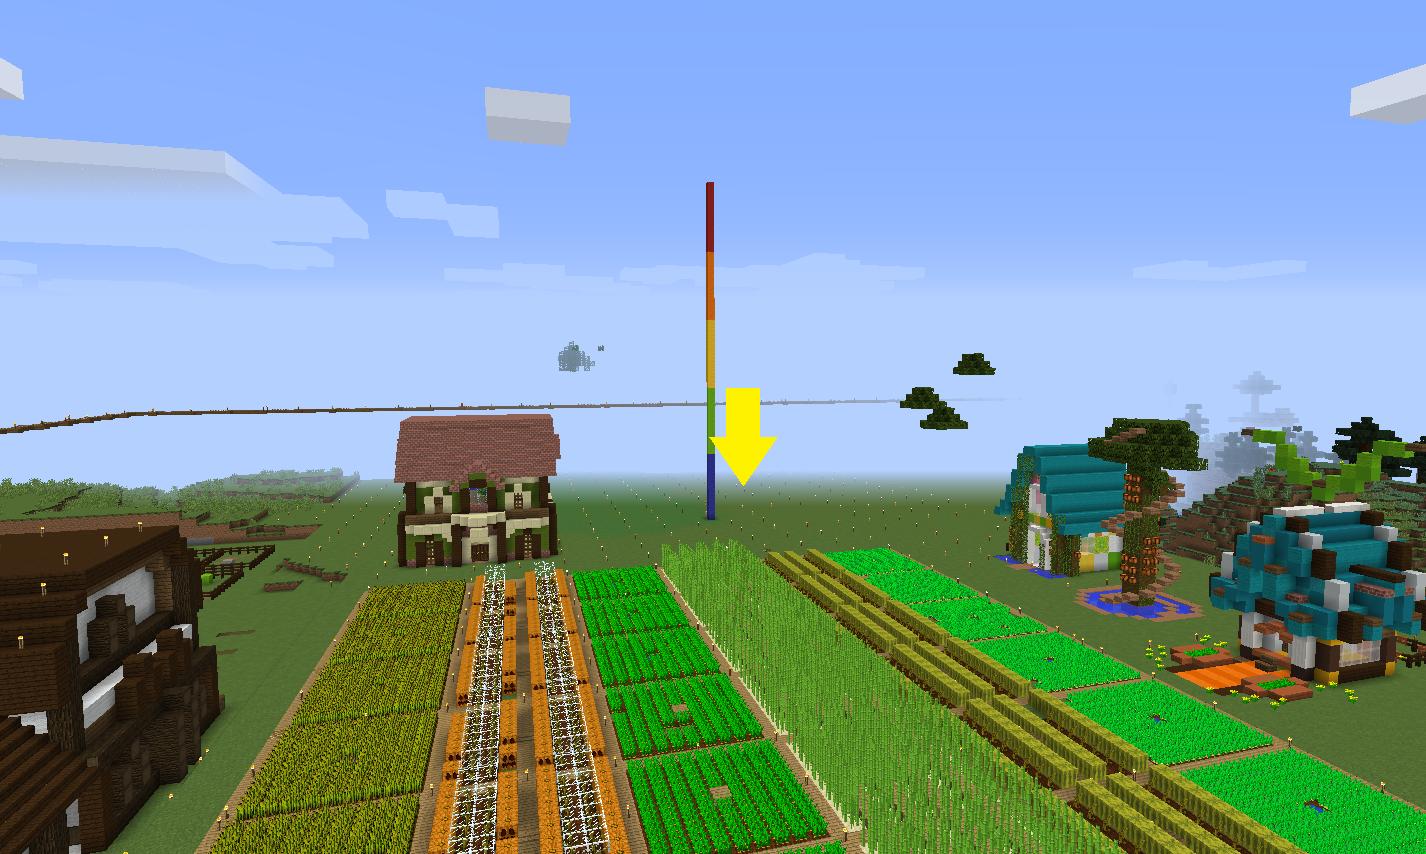 風車を建てる場所.png